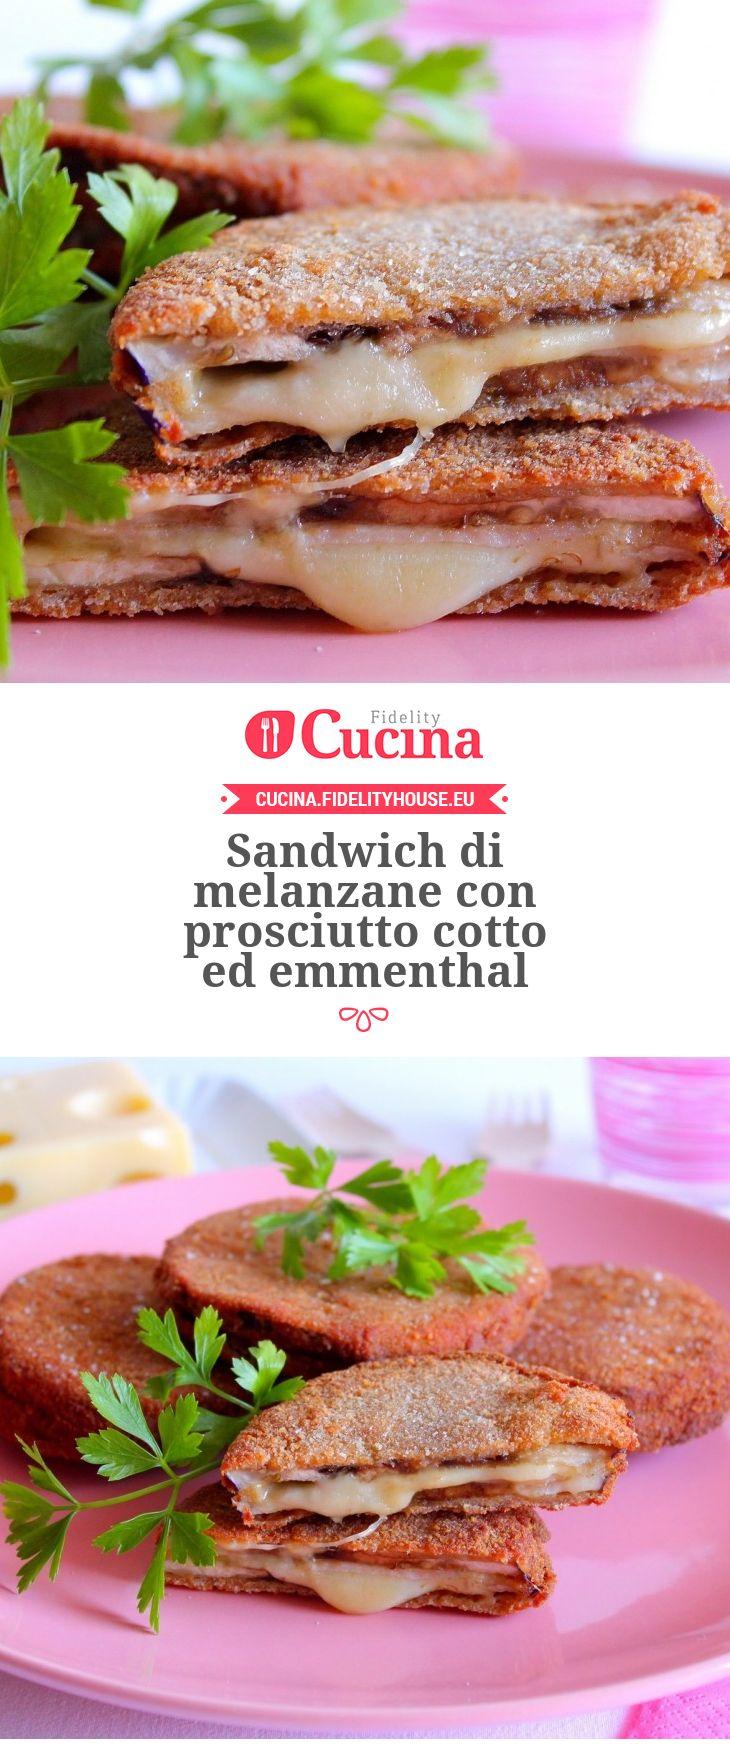 Sandwich di #melanzane con #prosciutto cotto ed #emmenthal della nostra utente Giovanna. Unisciti alla nostra Community ed invia le tue ricette!